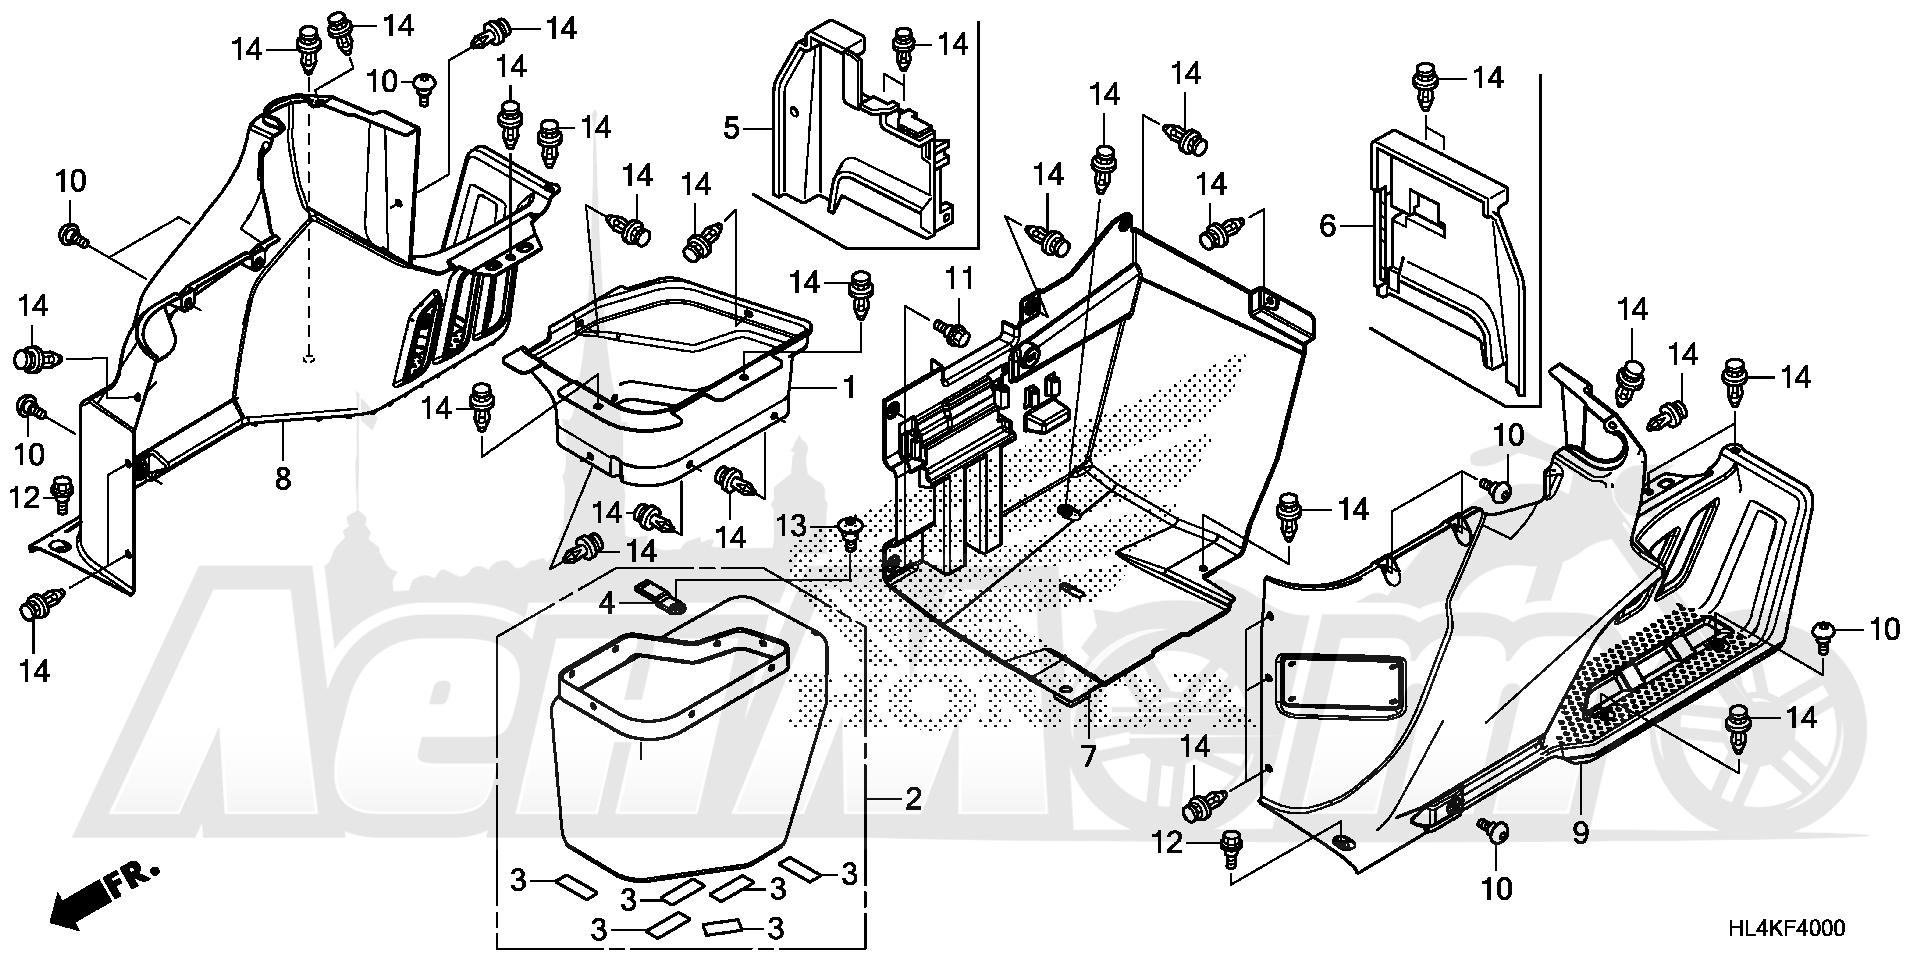 Запчасти для Квадроцикла Honda 2019 SXS1000M5D Раздел: SIDE COVER | боковая сторона крышка